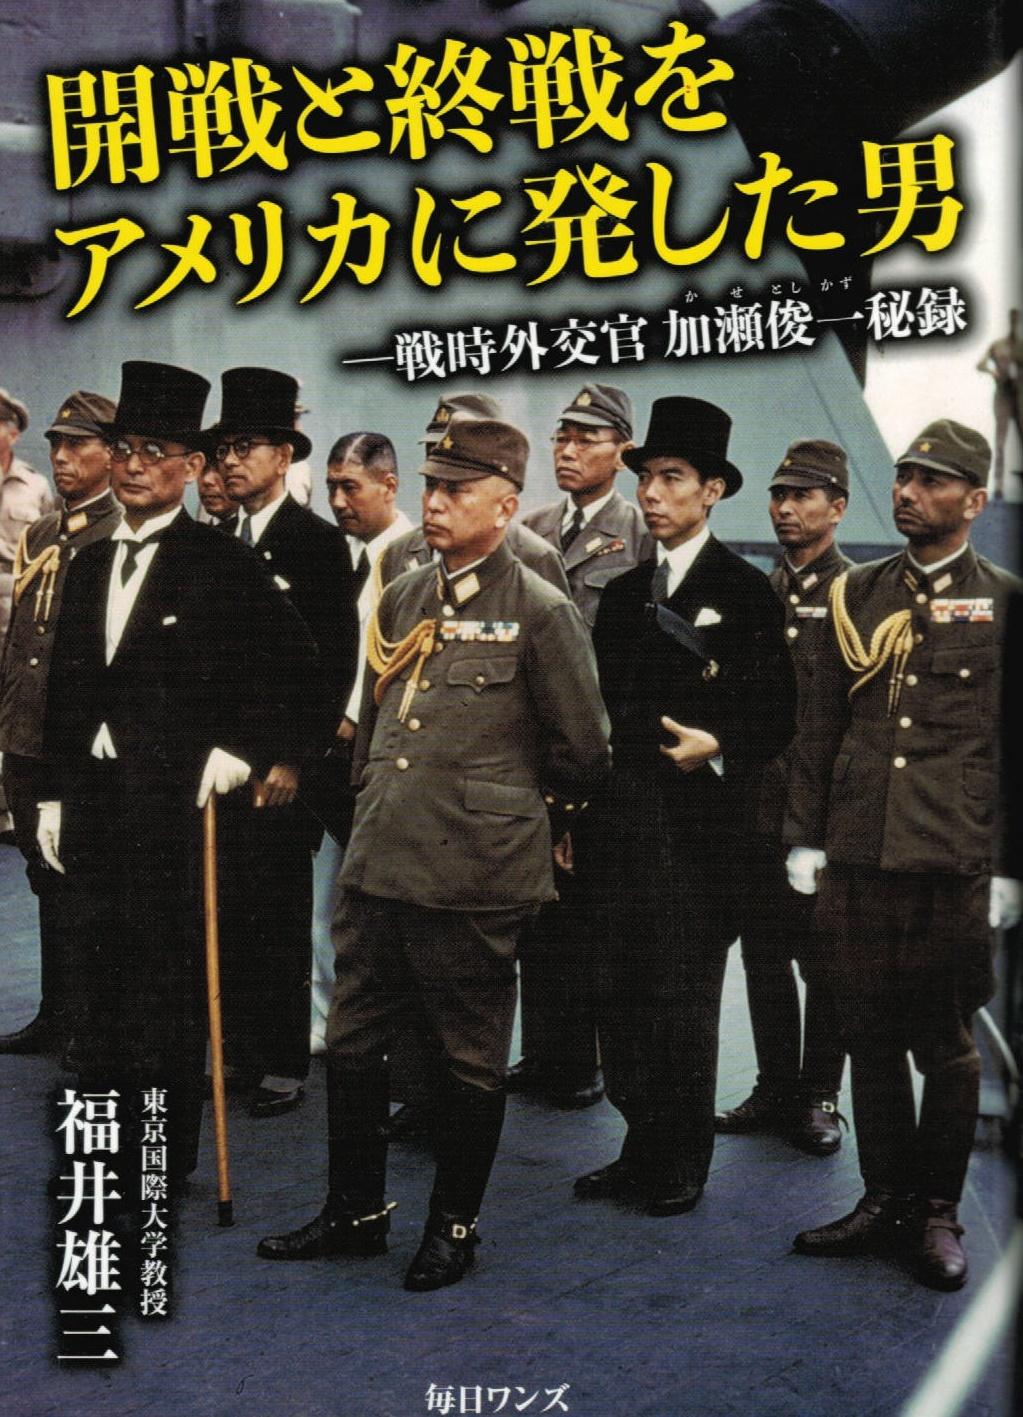 日本の戦争の時代についての一考察